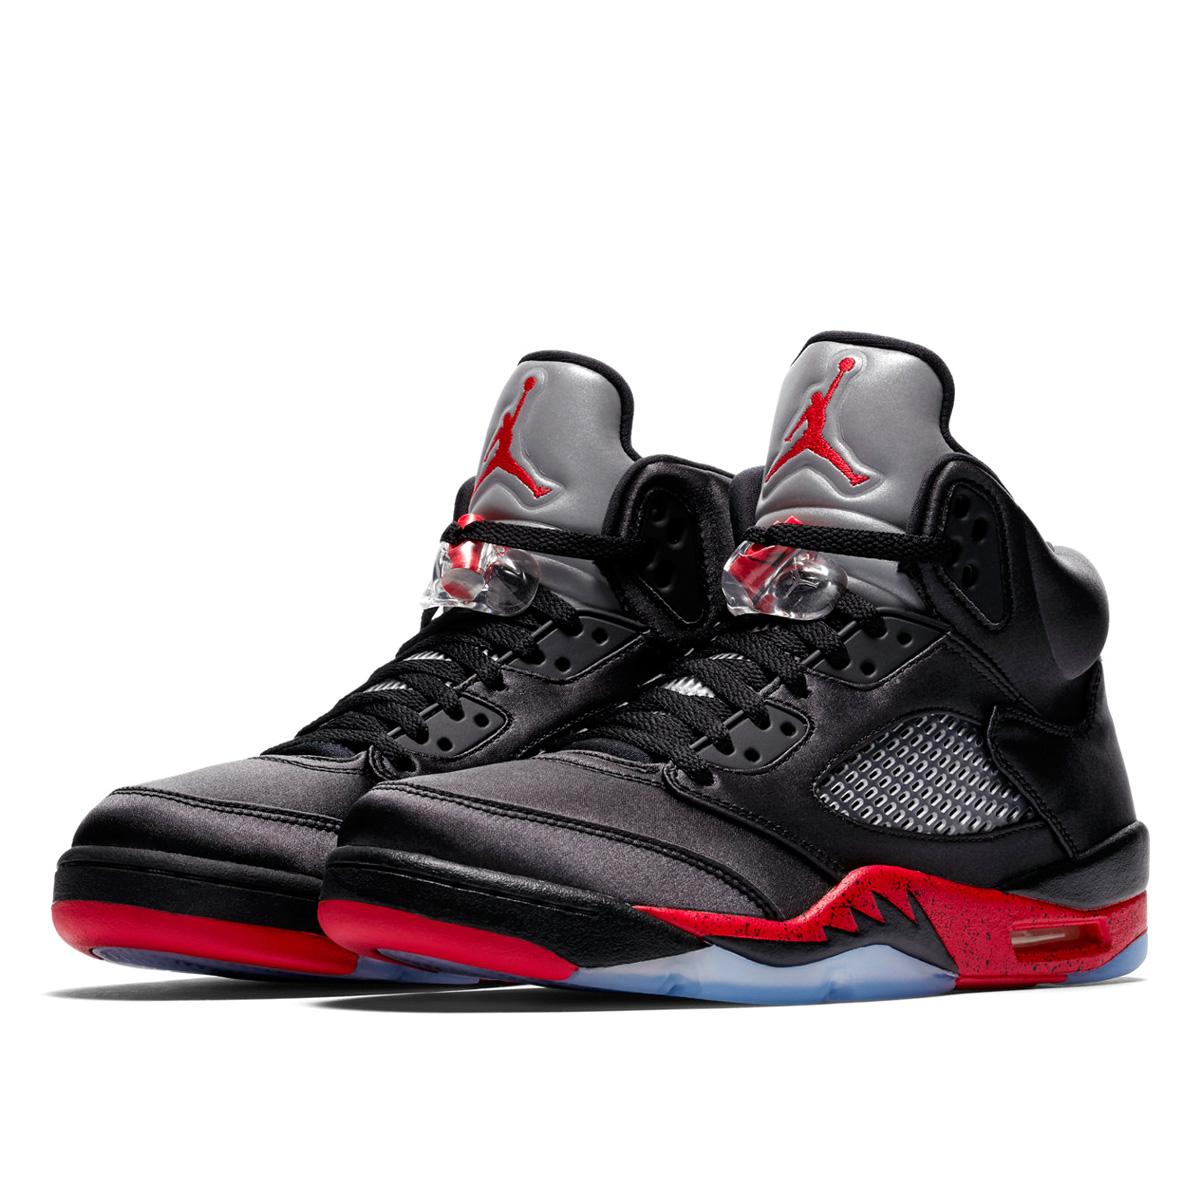 49c0c48d32e9e0 NIKE AIR JORDAN 5 RETRO Nike Air Jordan 5 nostalgic SATIN BLACK UNIVERSITY  RED 136